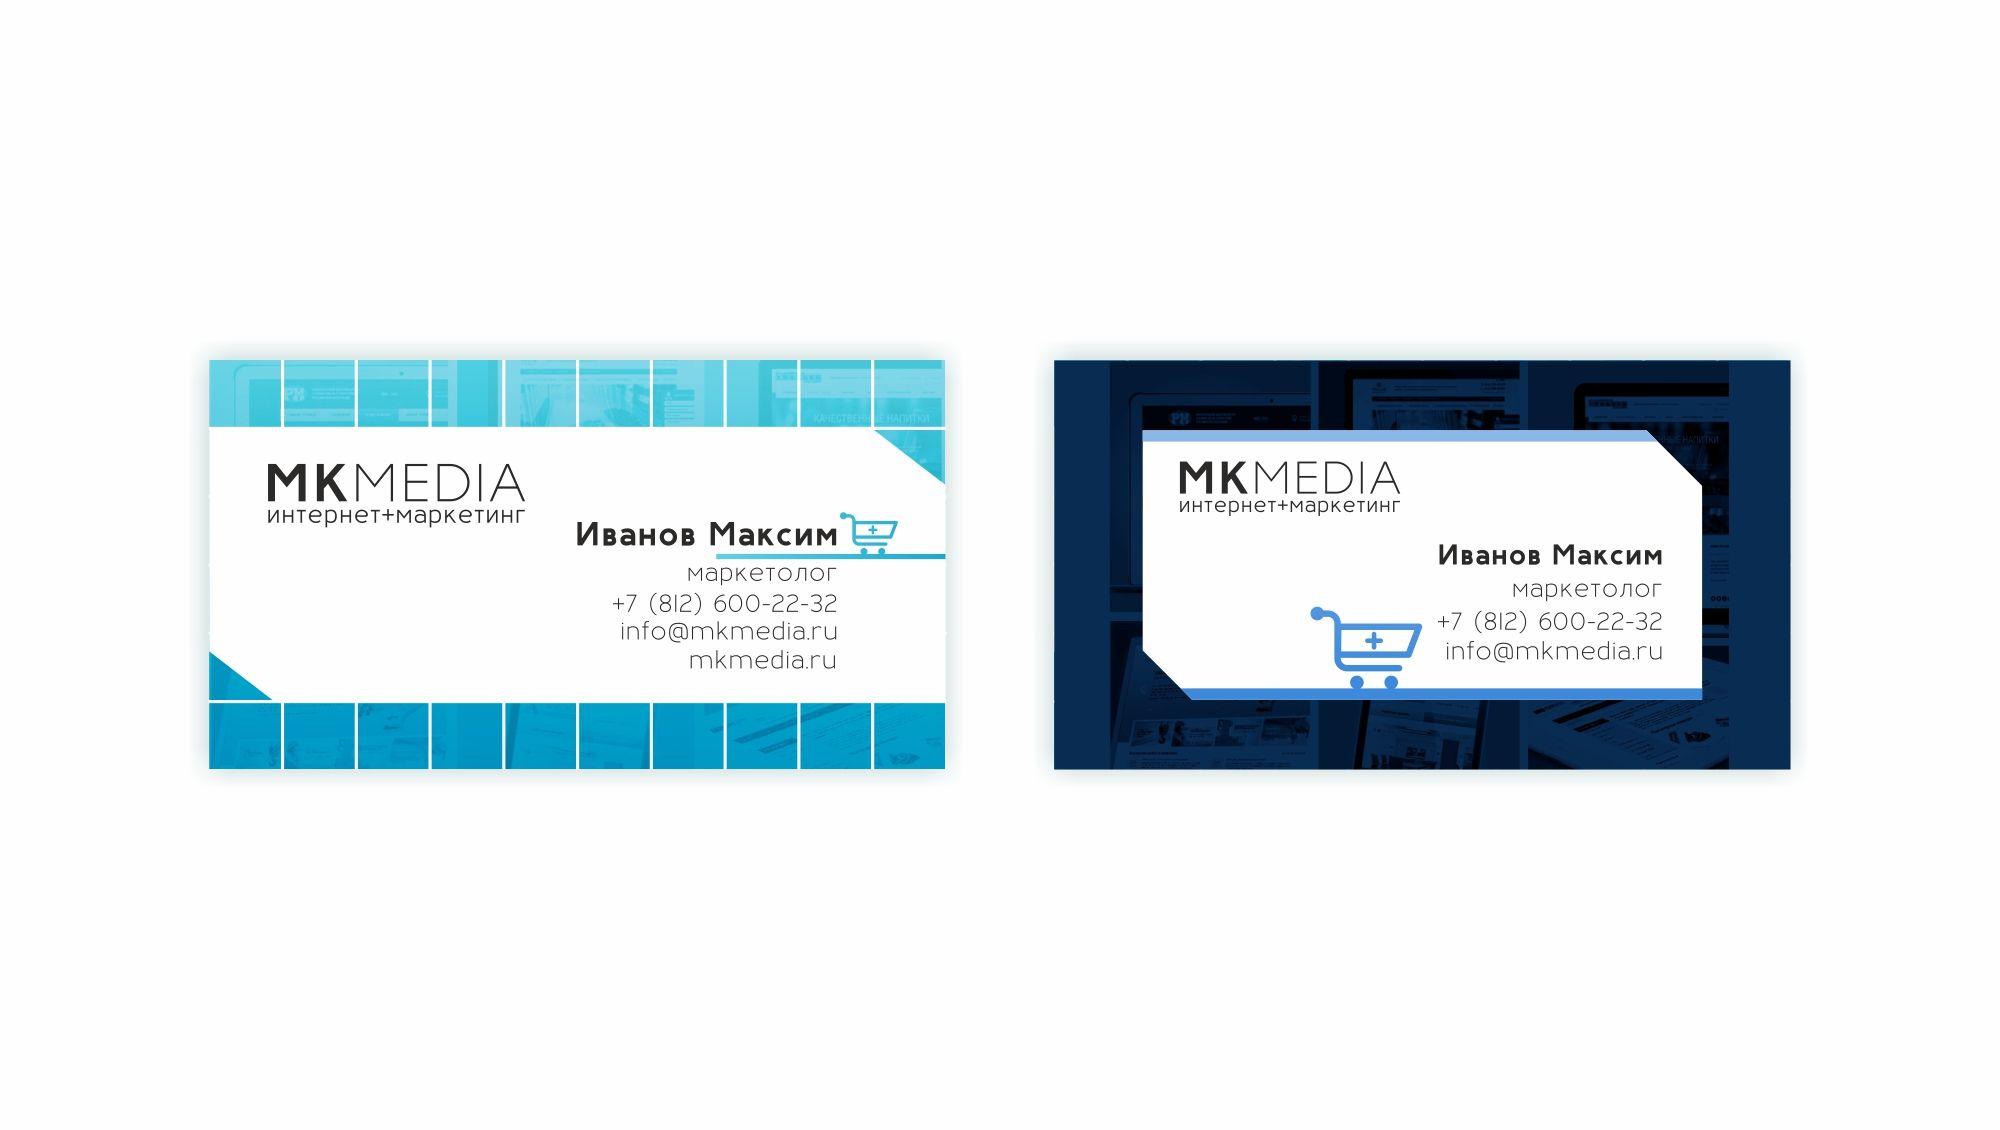 Разработка дизайна визитной карточки - дизайнер Nadincross